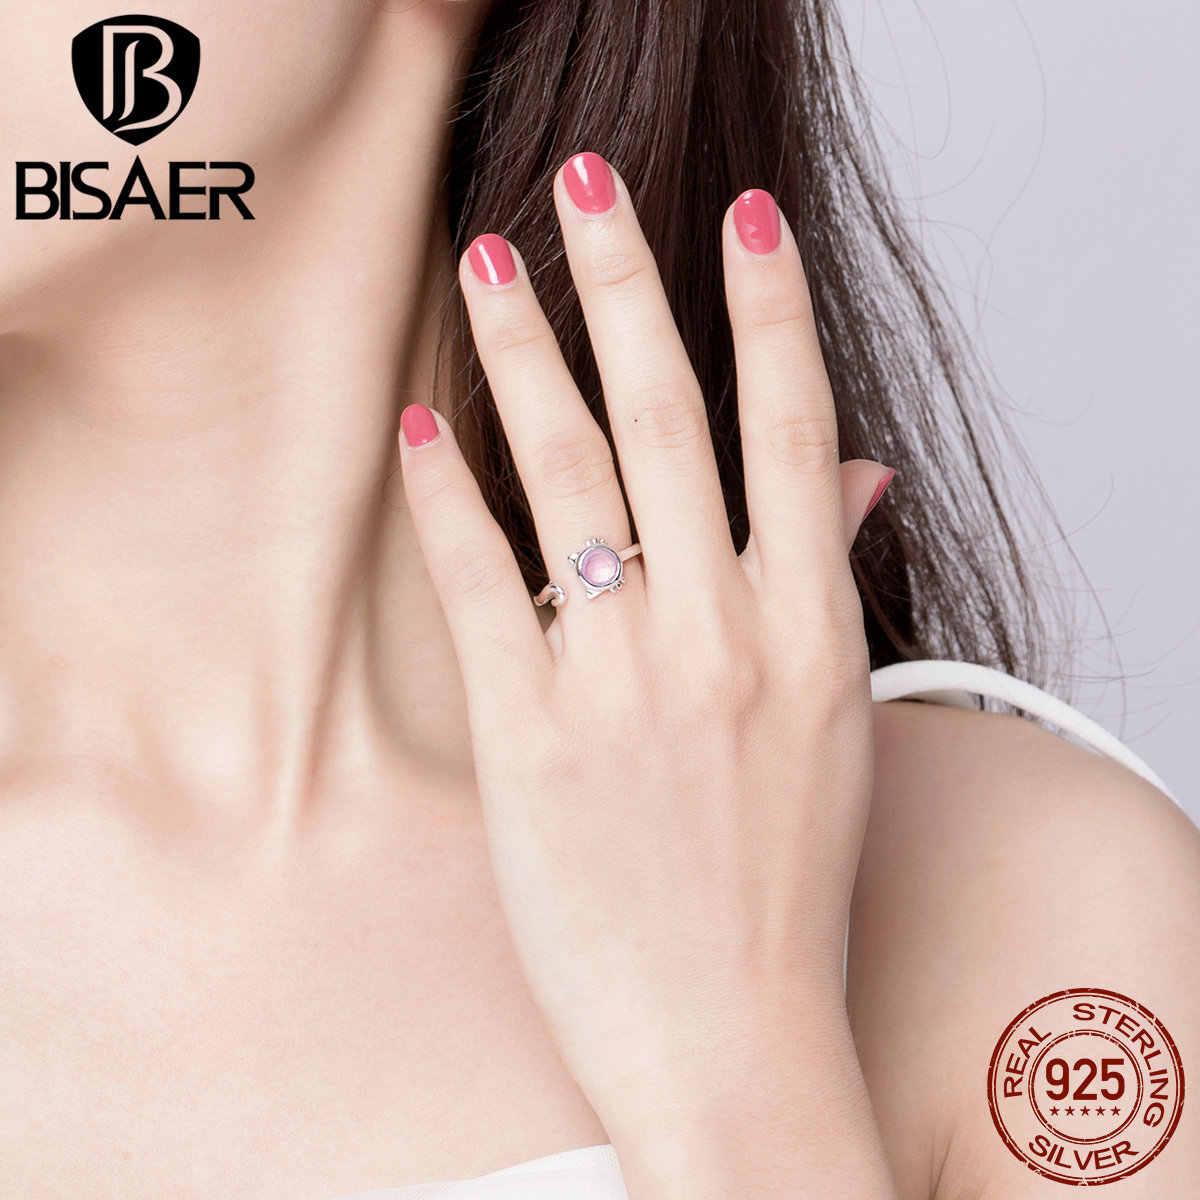 BISAER, 100%, 925 пробы, серебряное, розовое, стеклянный шар, милый котенок, регулируемые кольца на палец для женщин, девушек, модное ювелирное изделие 2019 GAR033